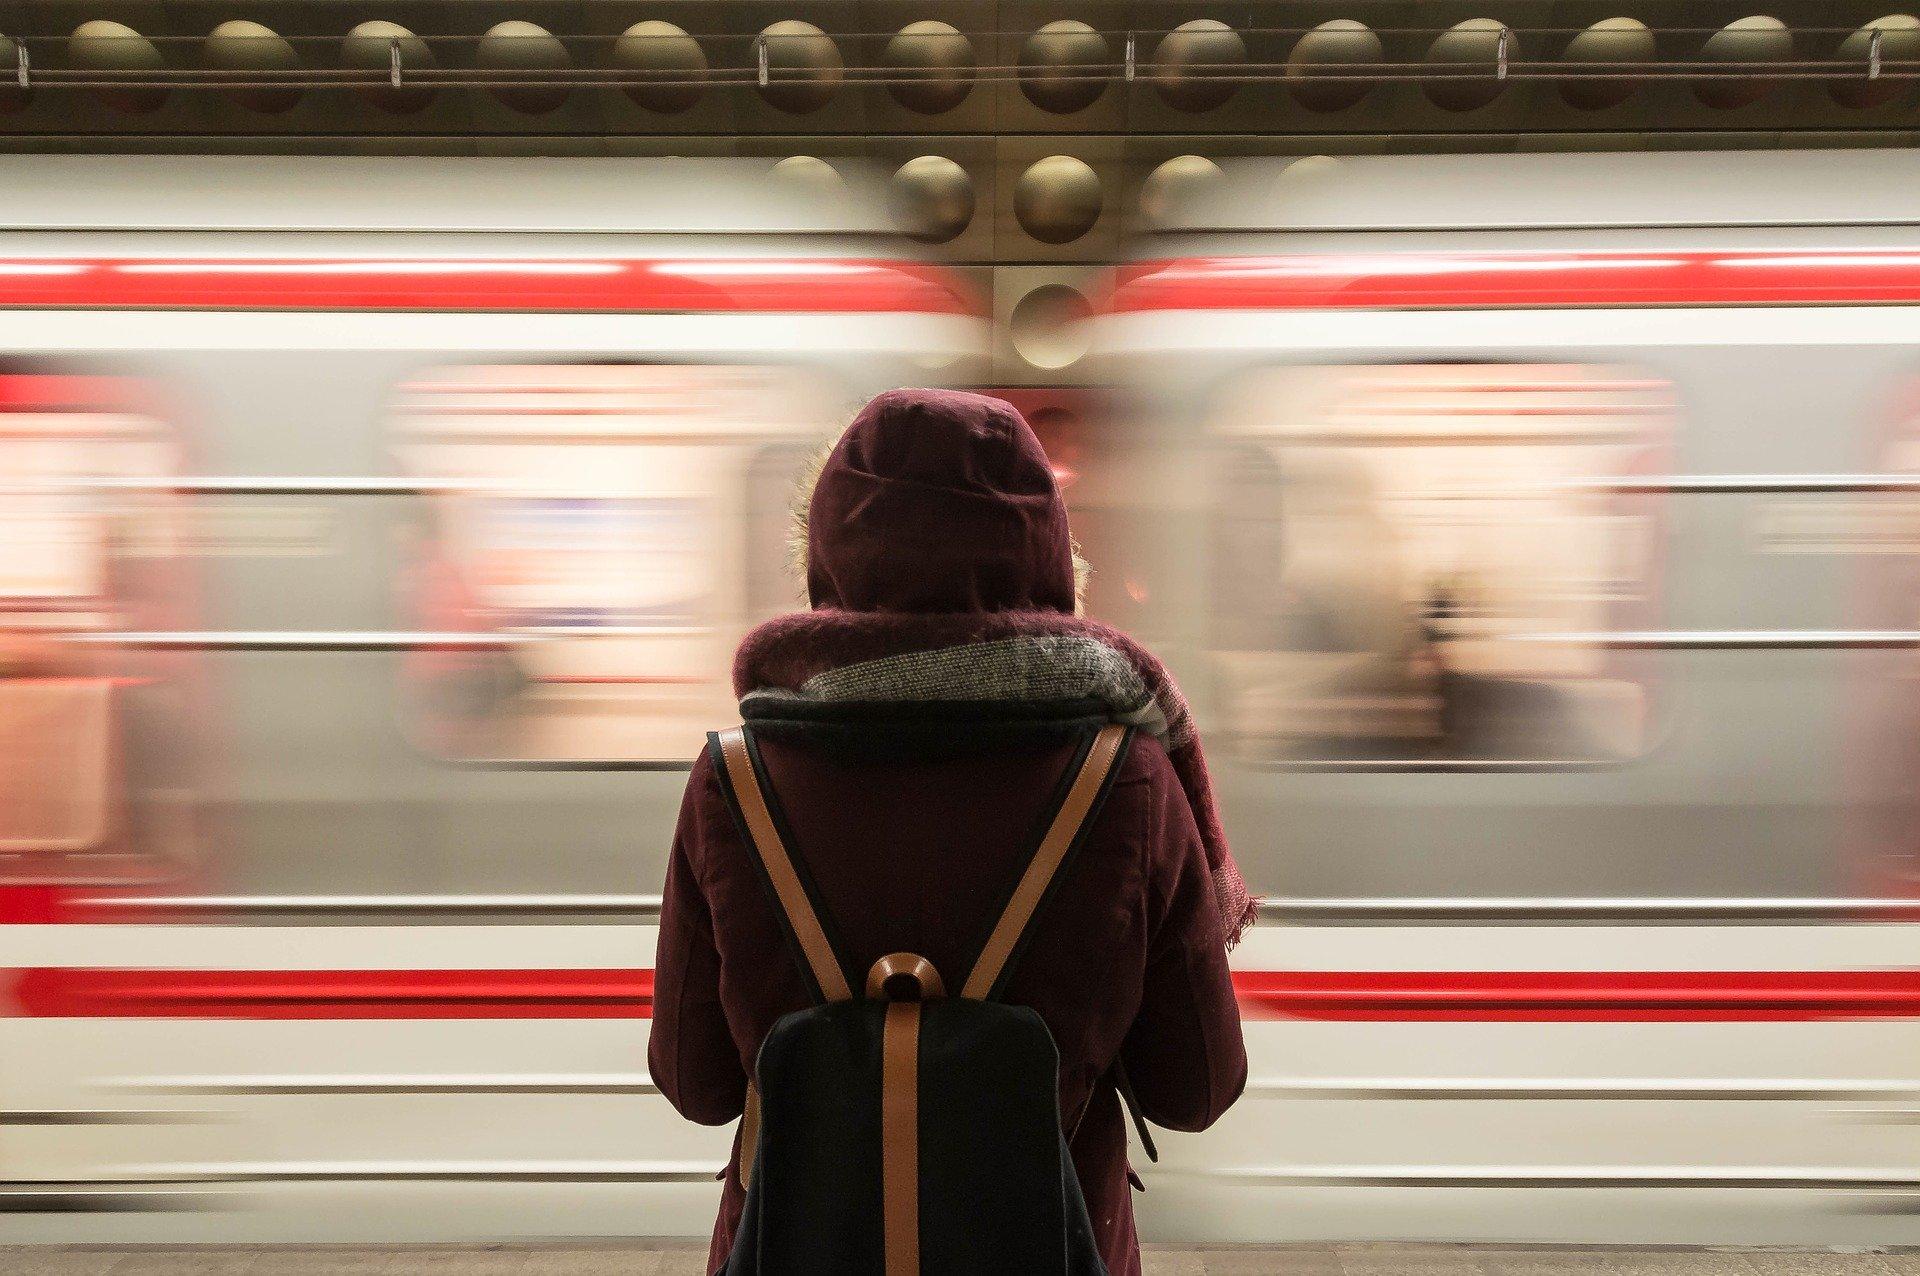 Tren estacion